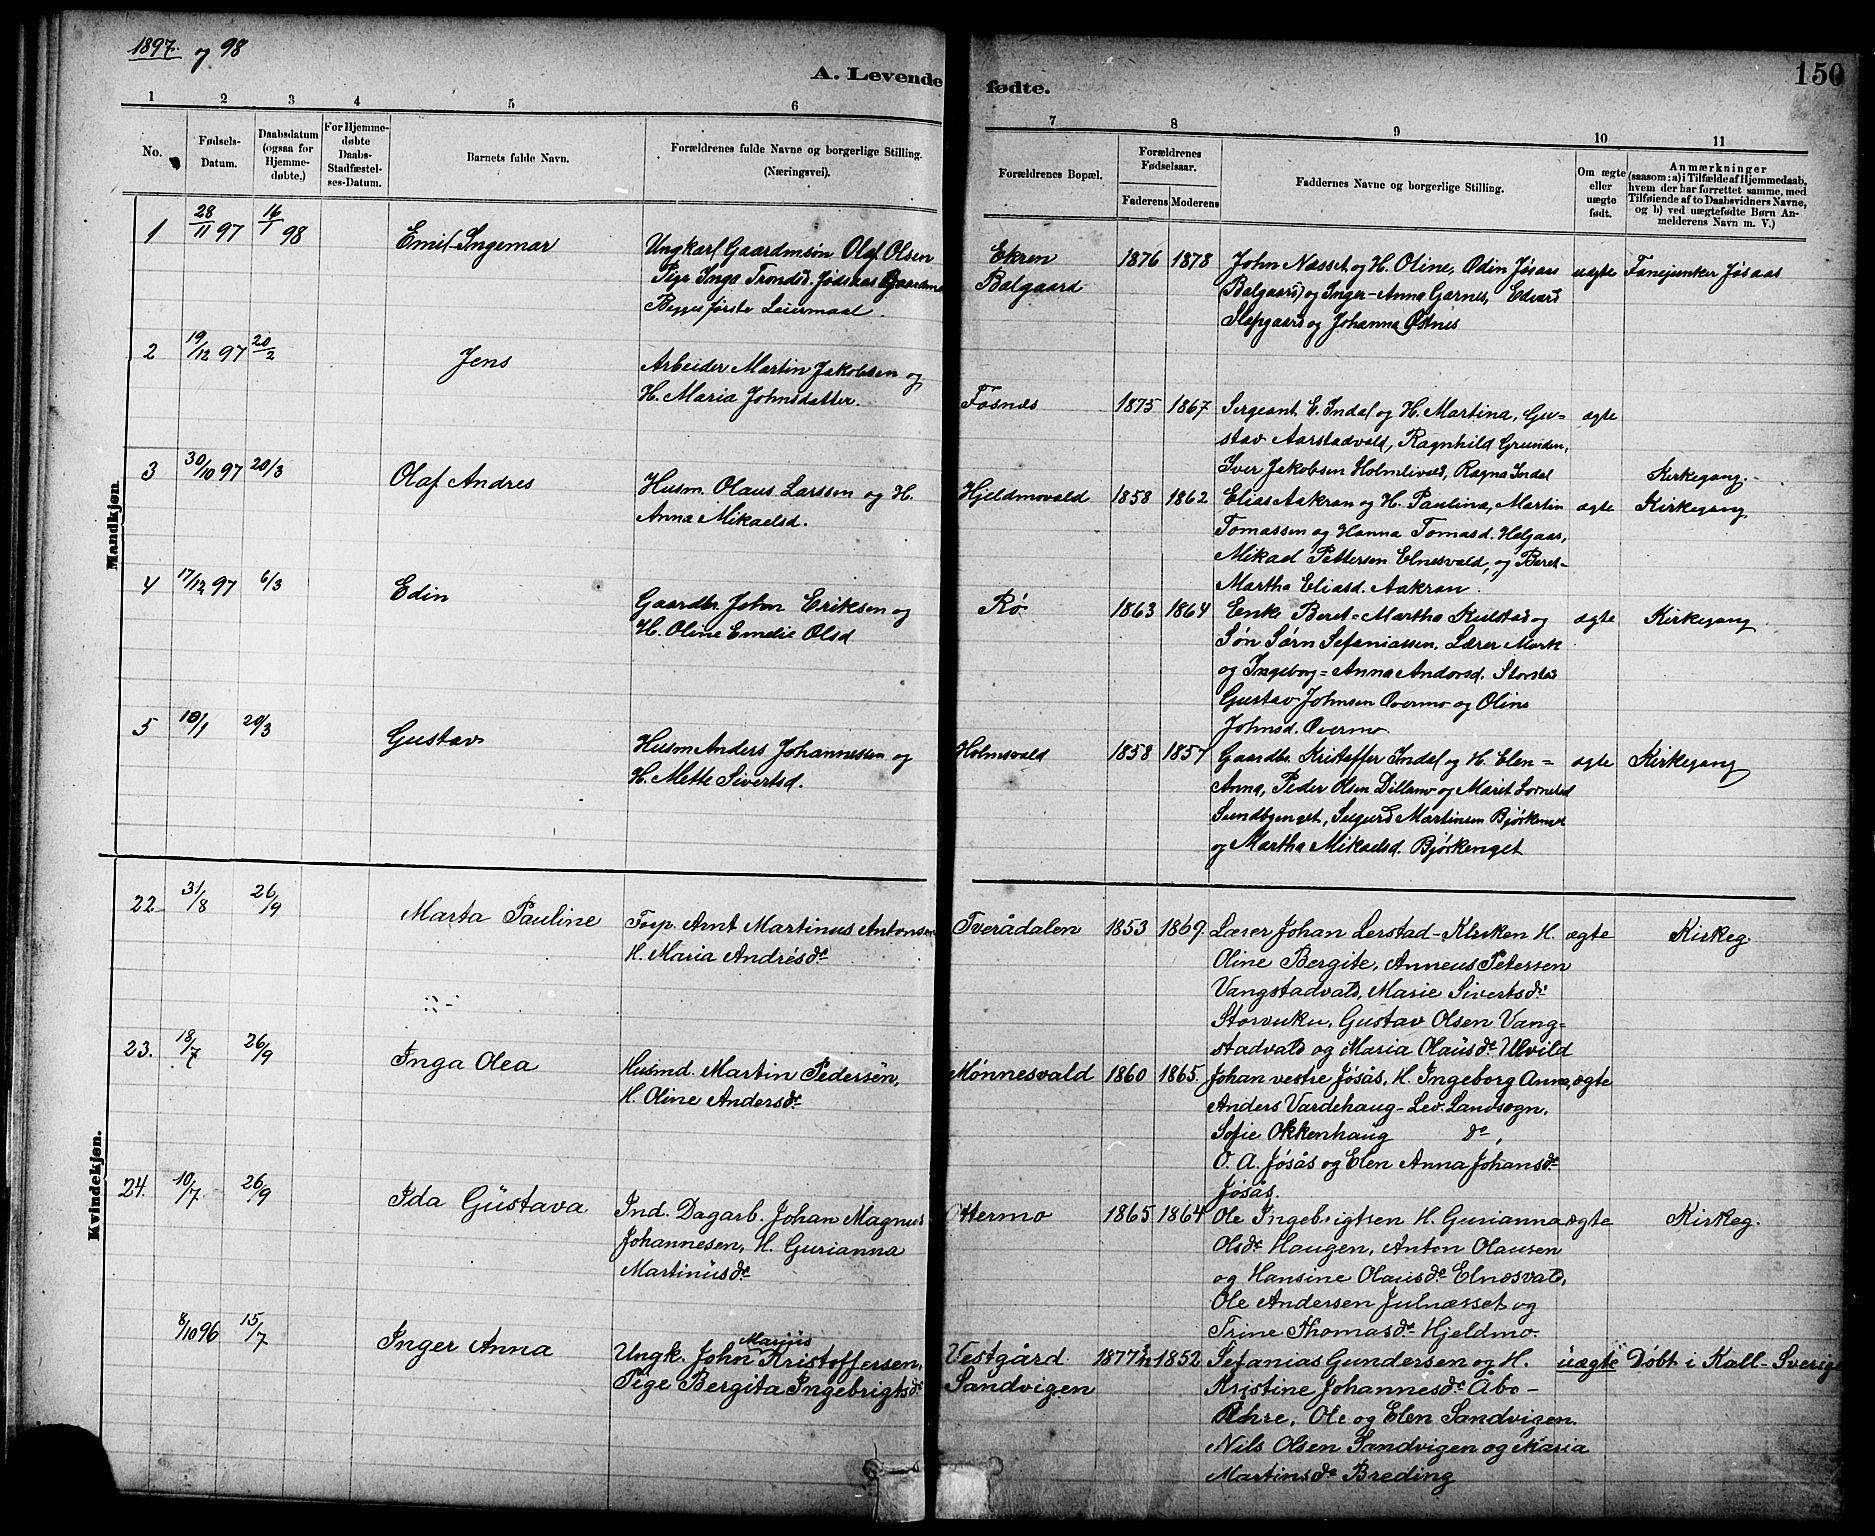 SAT, Ministerialprotokoller, klokkerbøker og fødselsregistre - Nord-Trøndelag, 724/L0267: Klokkerbok nr. 724C03, 1879-1898, s. 150